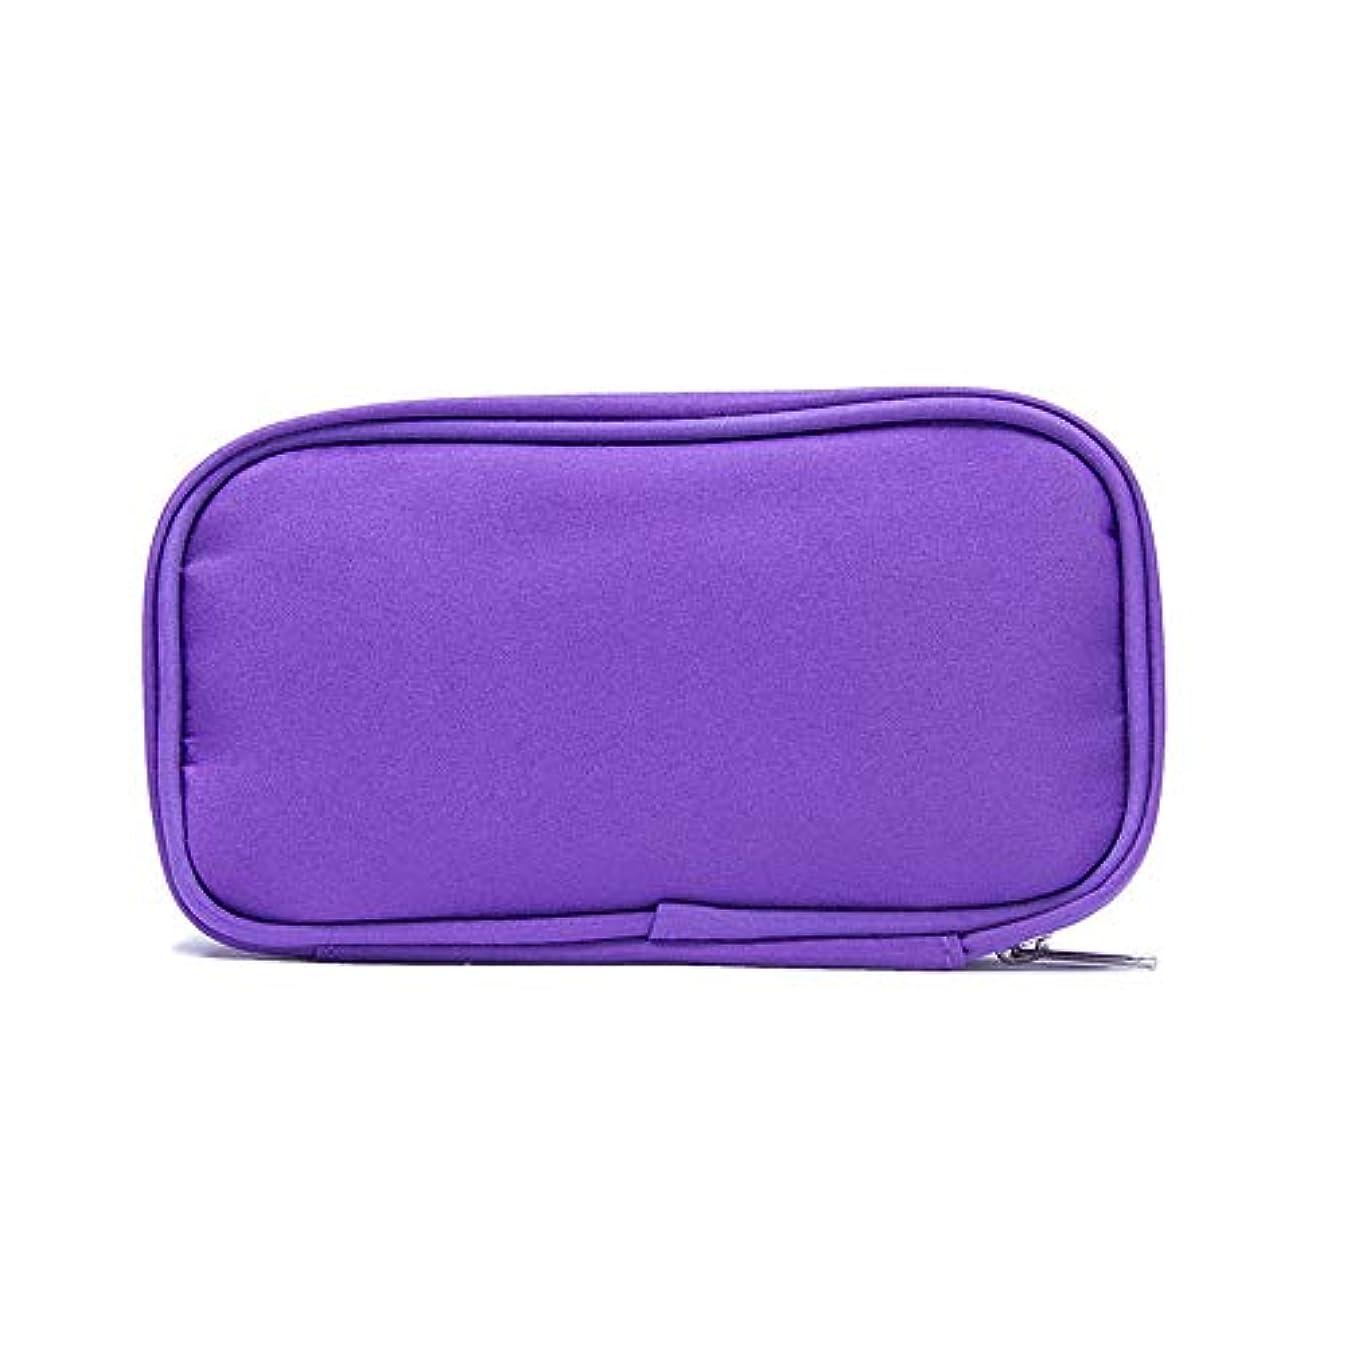 教育学典型的な反射精油ケース 10本のボトル用エッセンシャルオイルの収納ケースは、10?15mlのバイアル3色を保持します 携帯便利 (色 : 紫の, サイズ : 17.5X6X10CM)